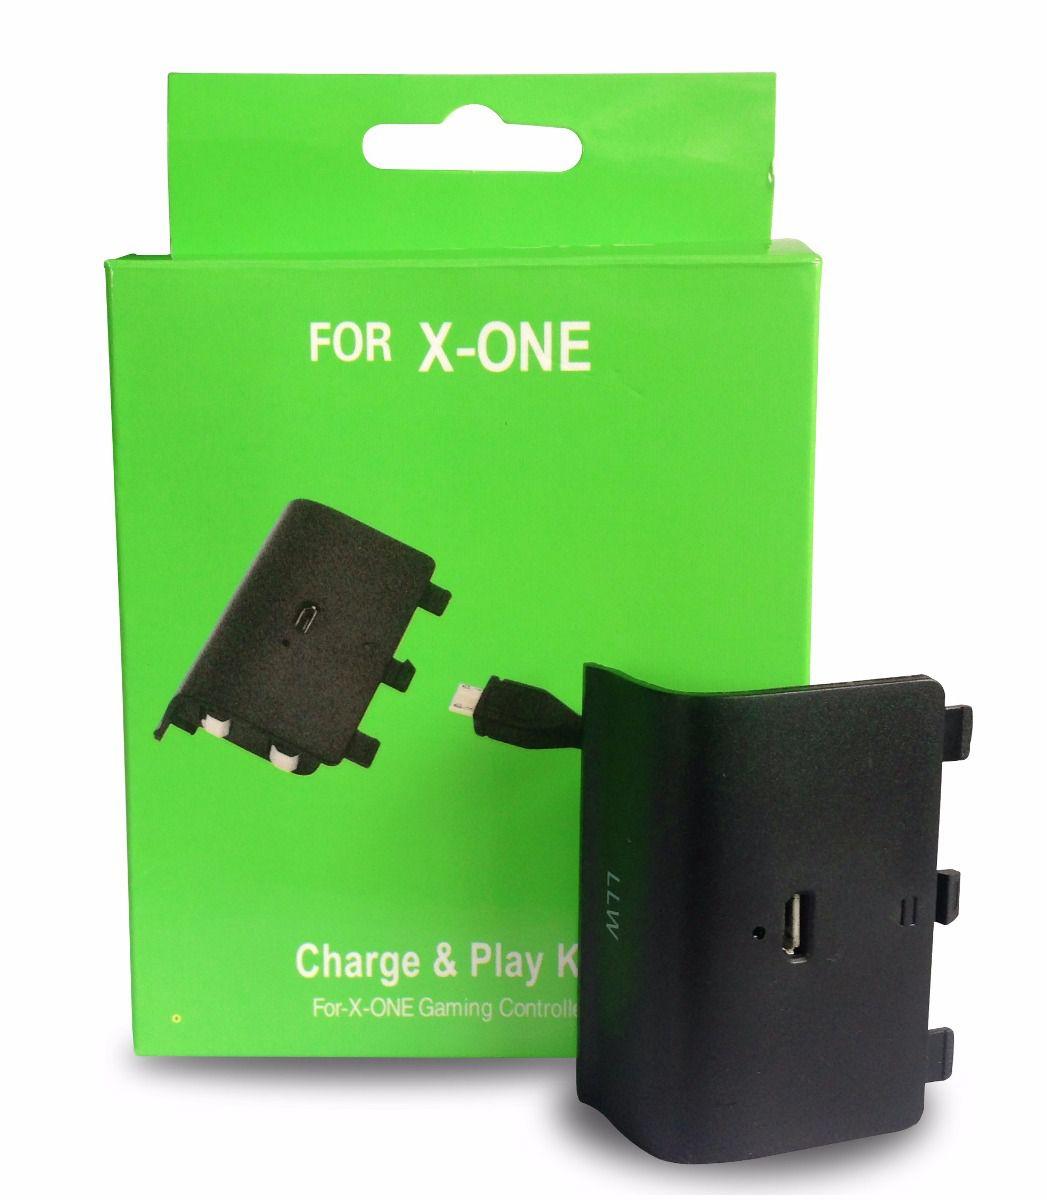 Bateria e Cabo Carregador Xbox One